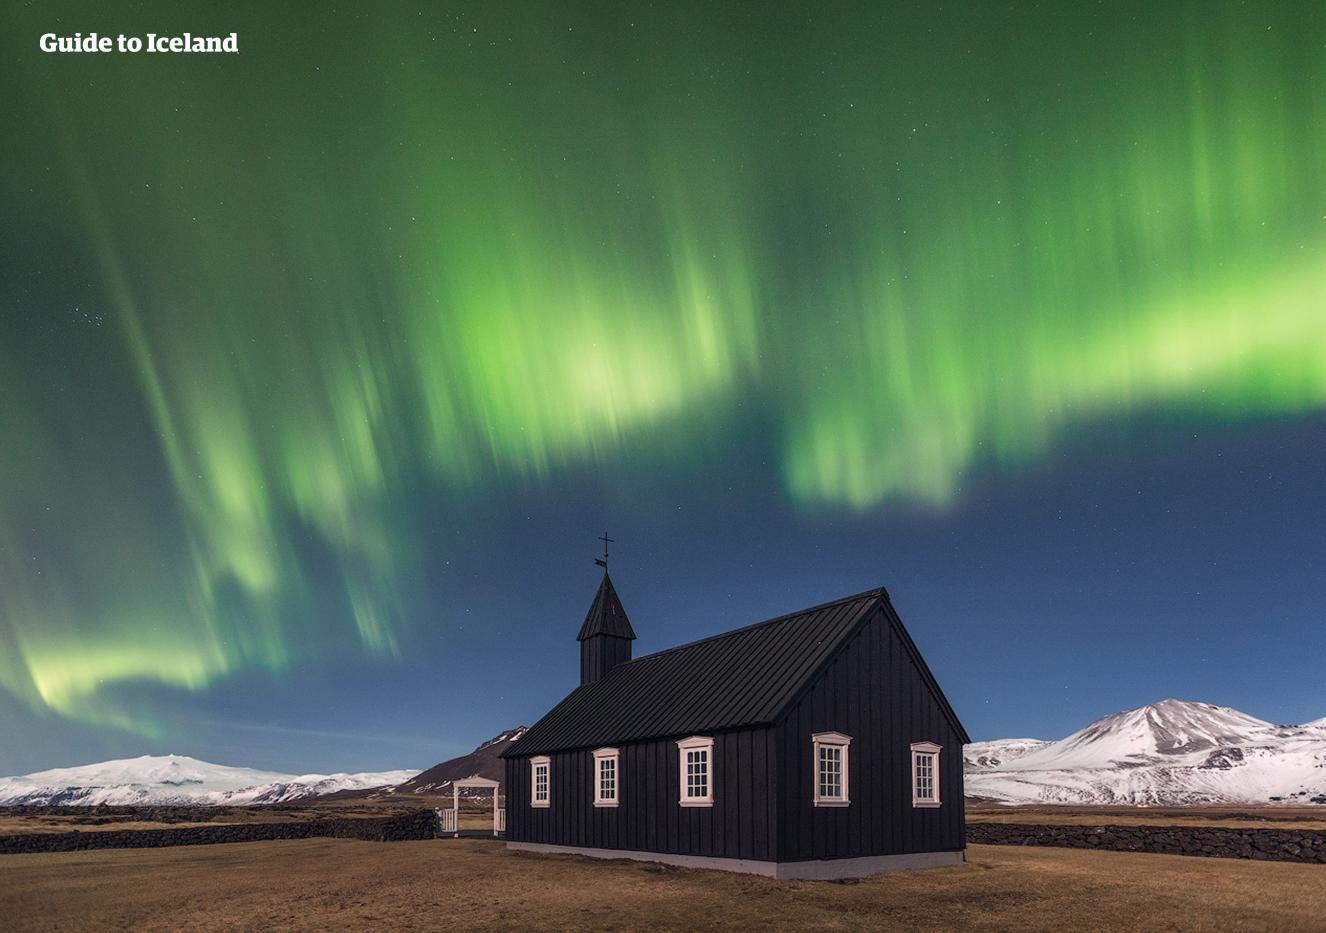 Himlen over den sorte kirke ved Búðir på Snæfellsnes-halvøen malet i nordlysets grønne nuancer